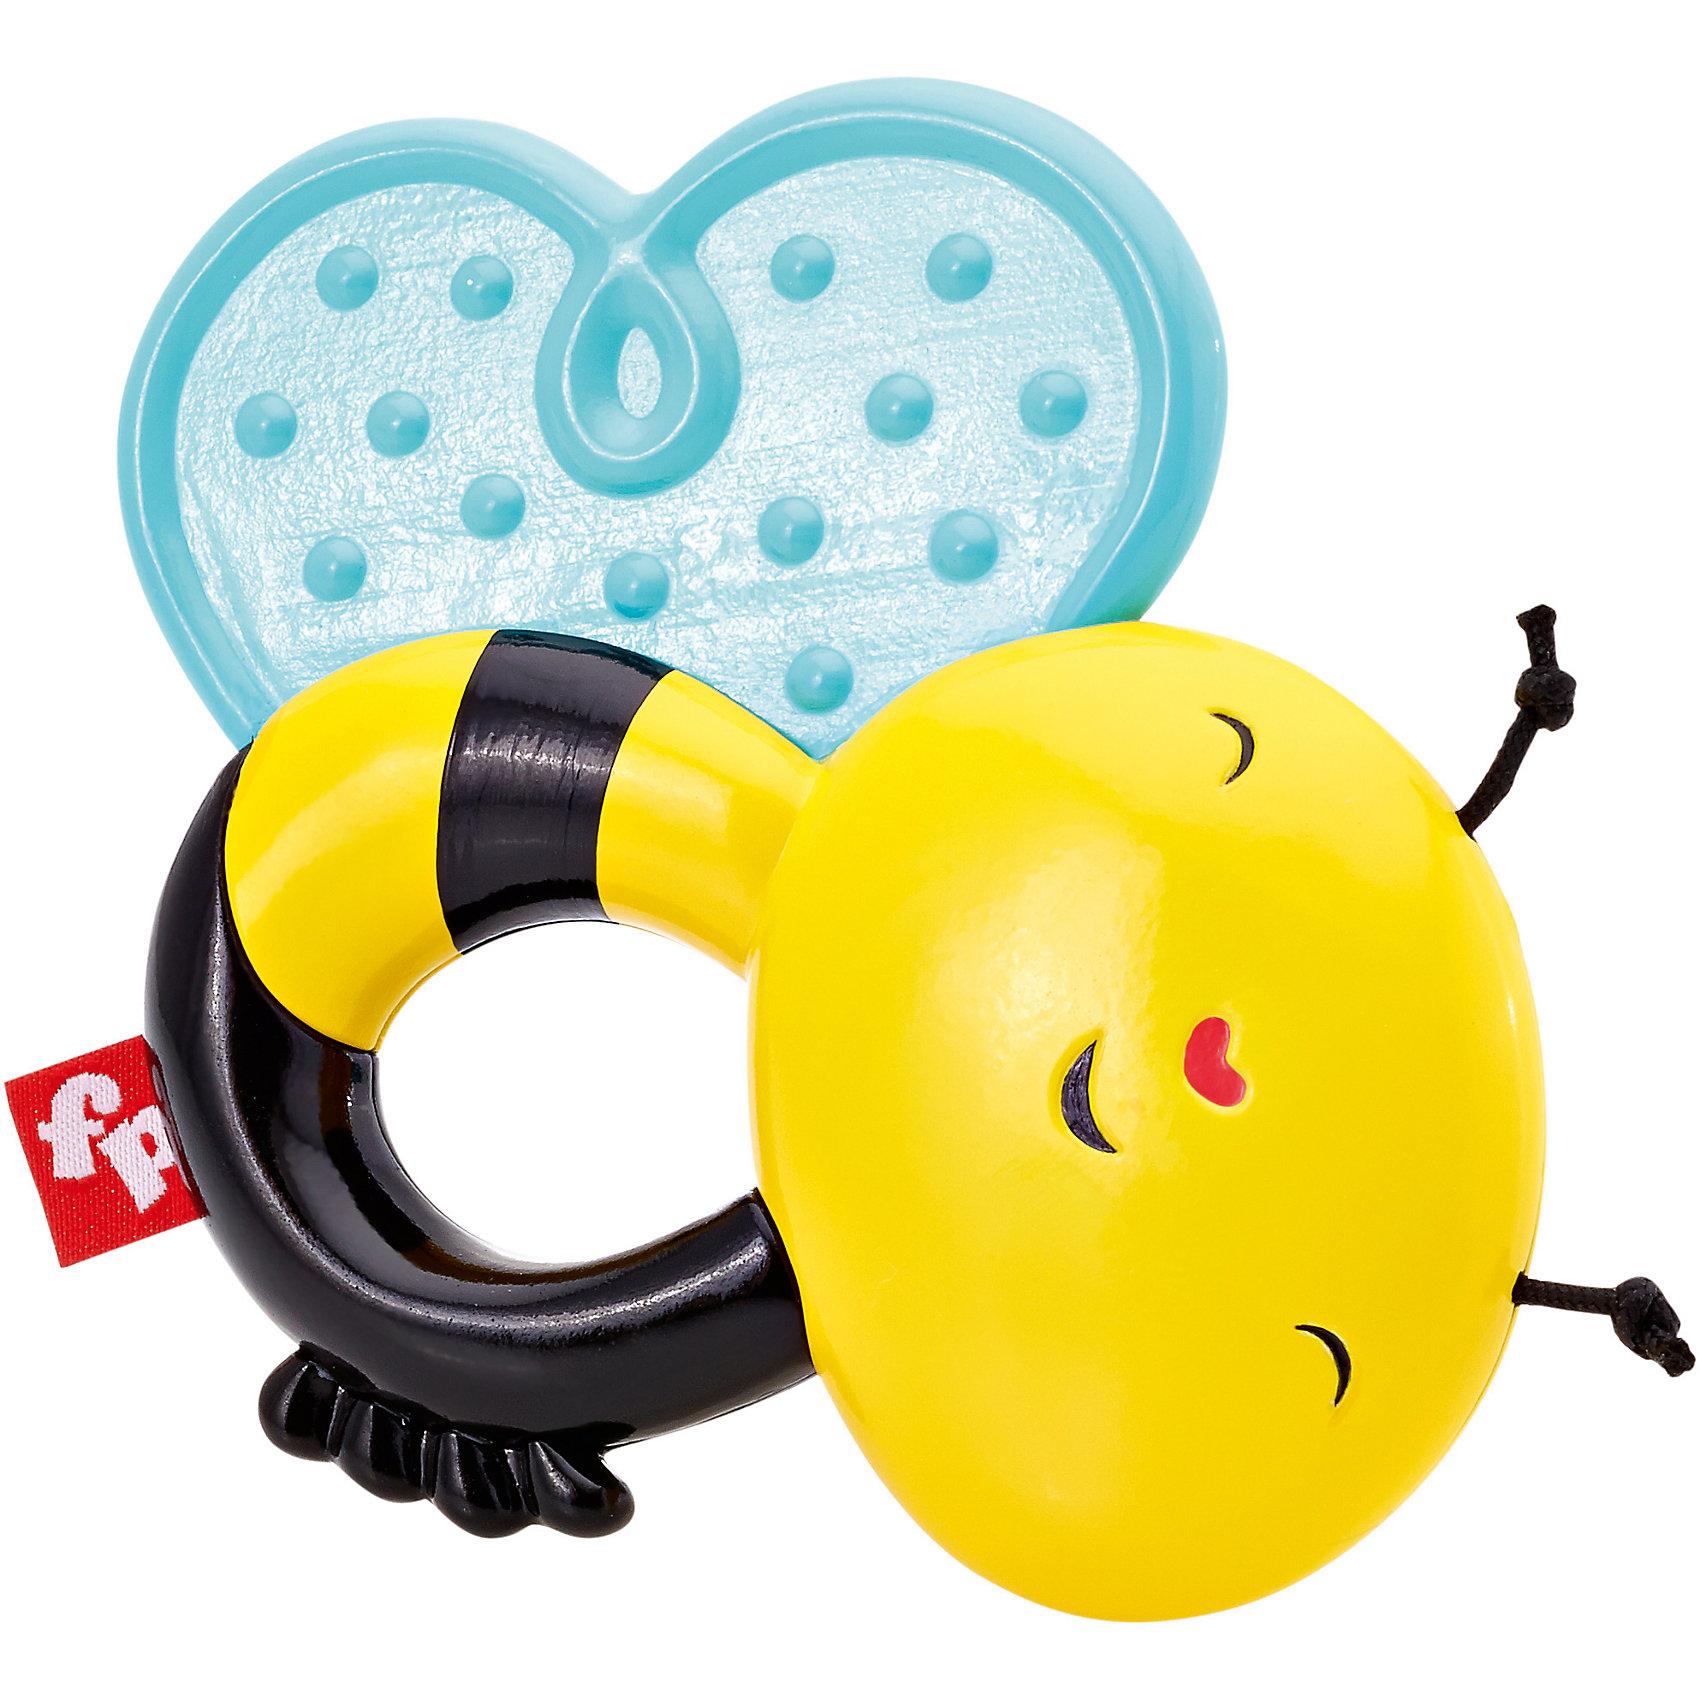 Mattel Прорезыватель Пчелка, Fisher Price фишер прайс ударяй и играй